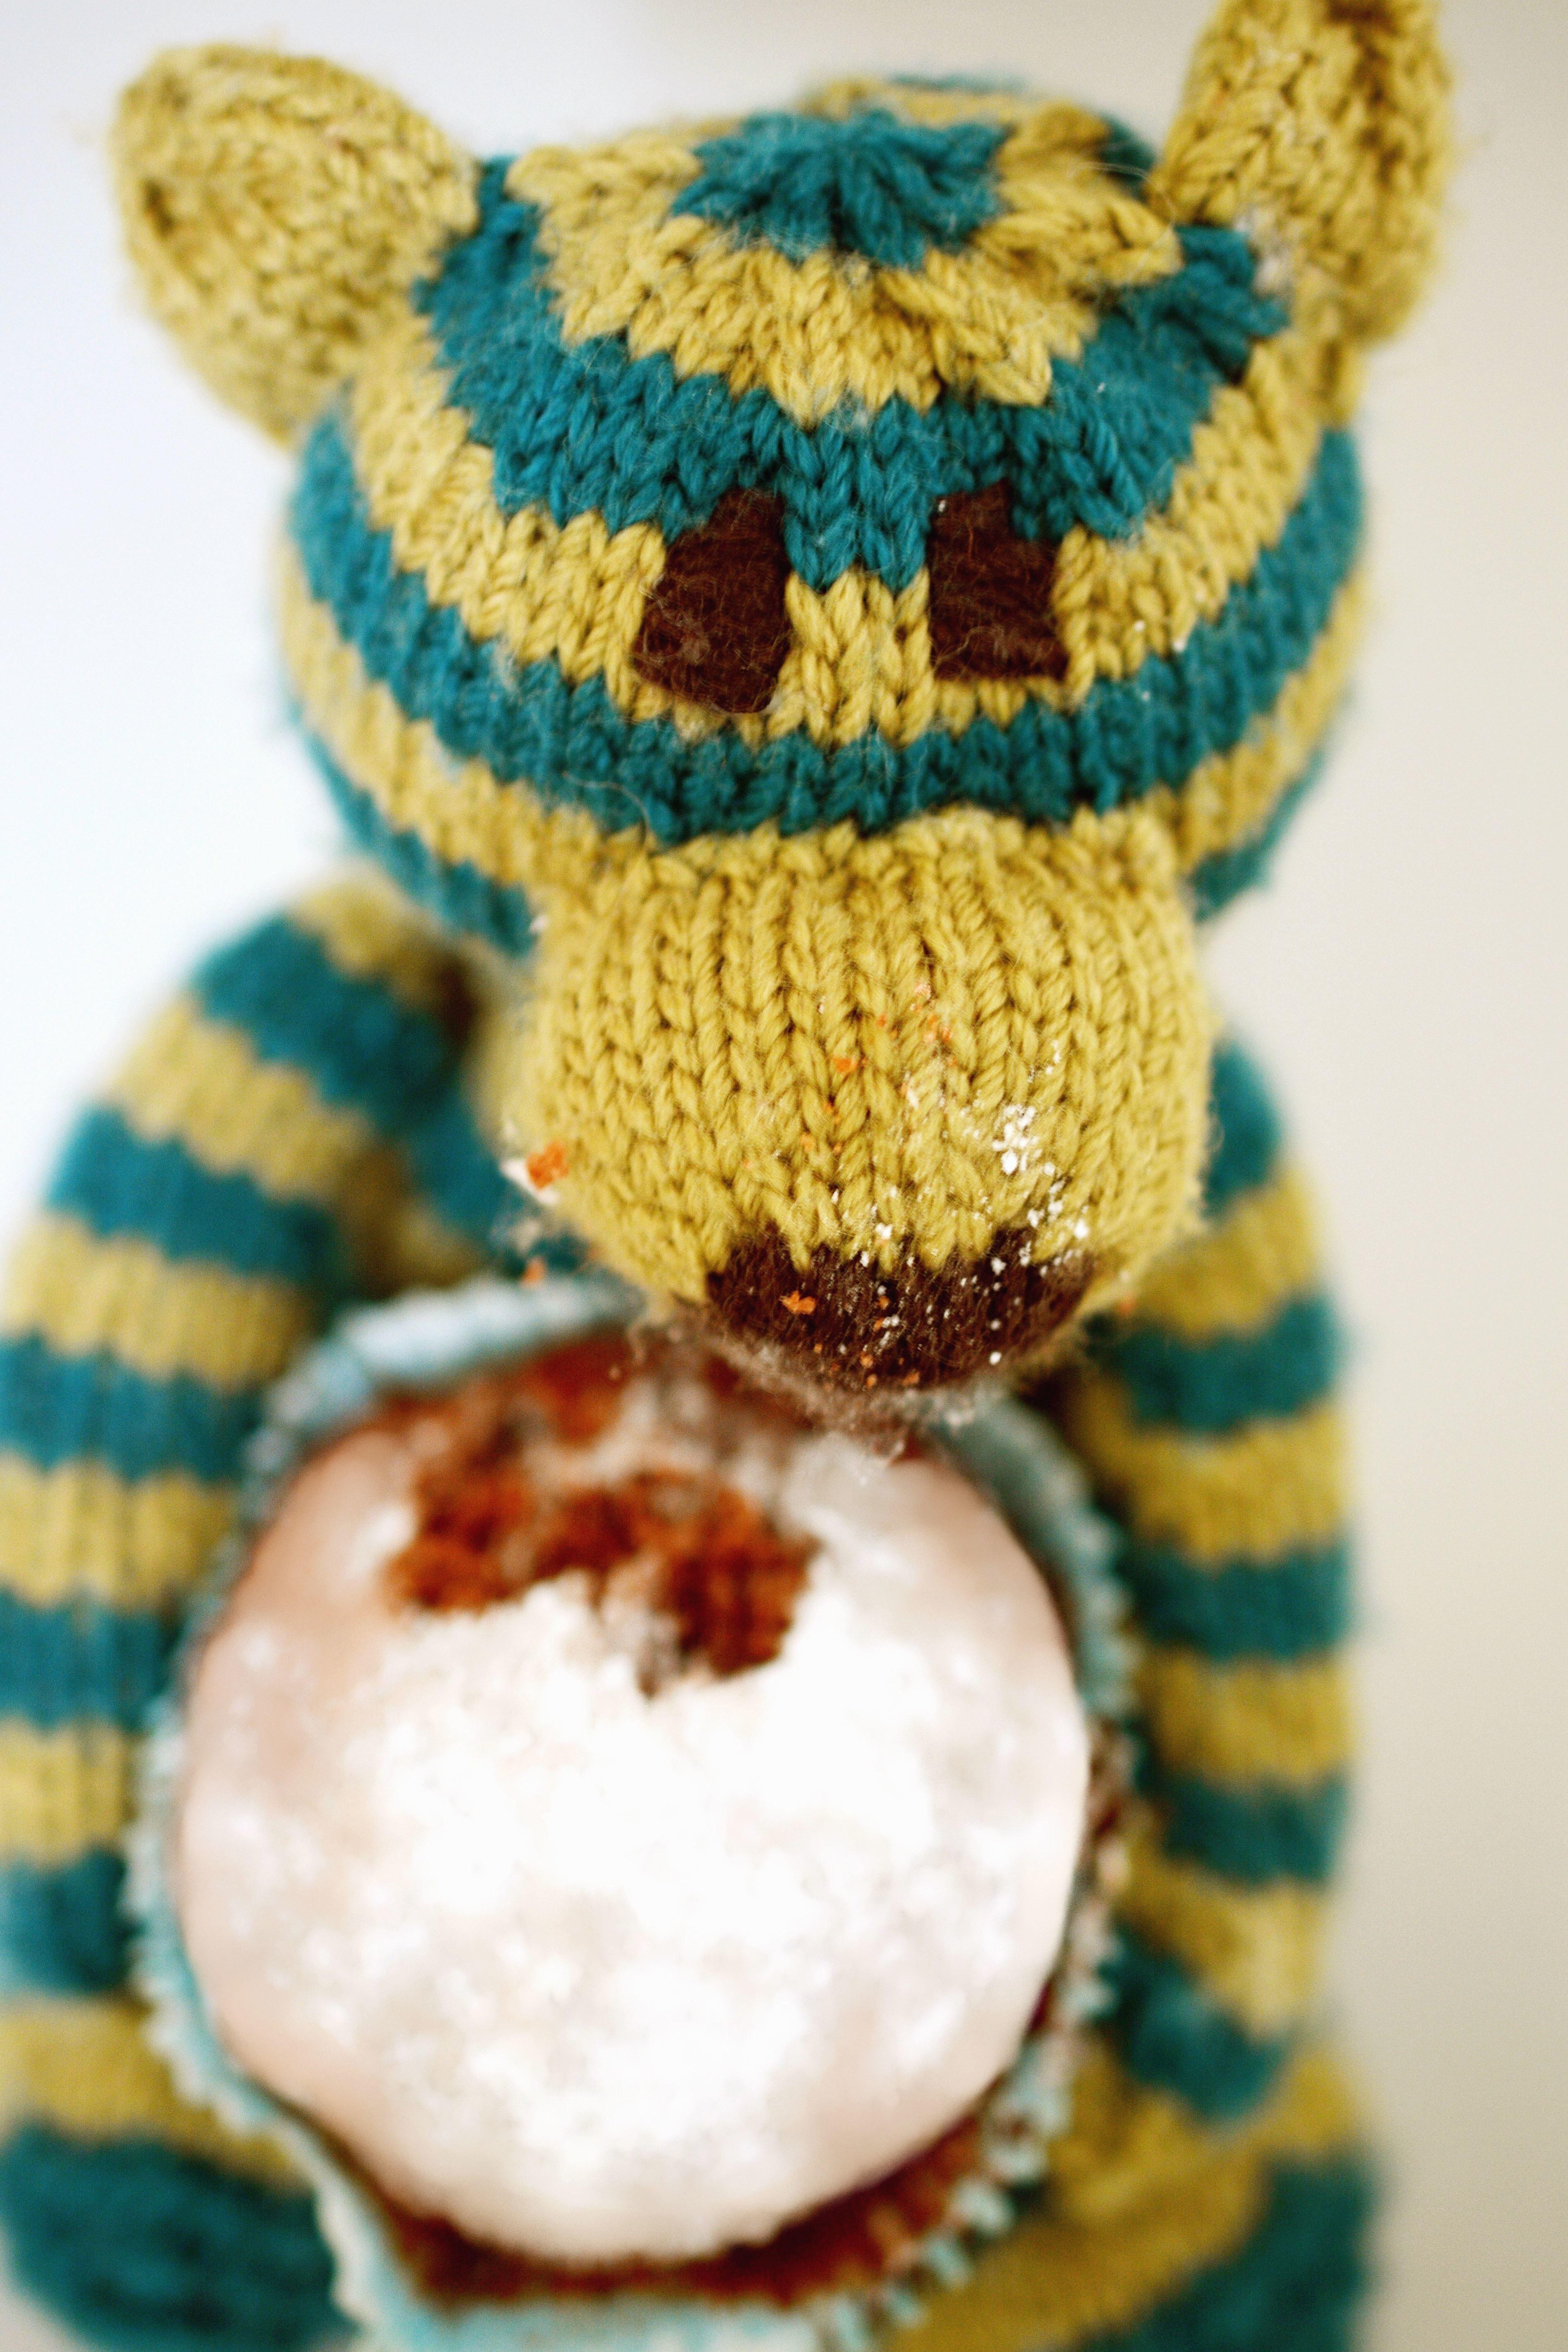 Kostenlose Bild: Teddybär, Spielzeug, Farben, bunt